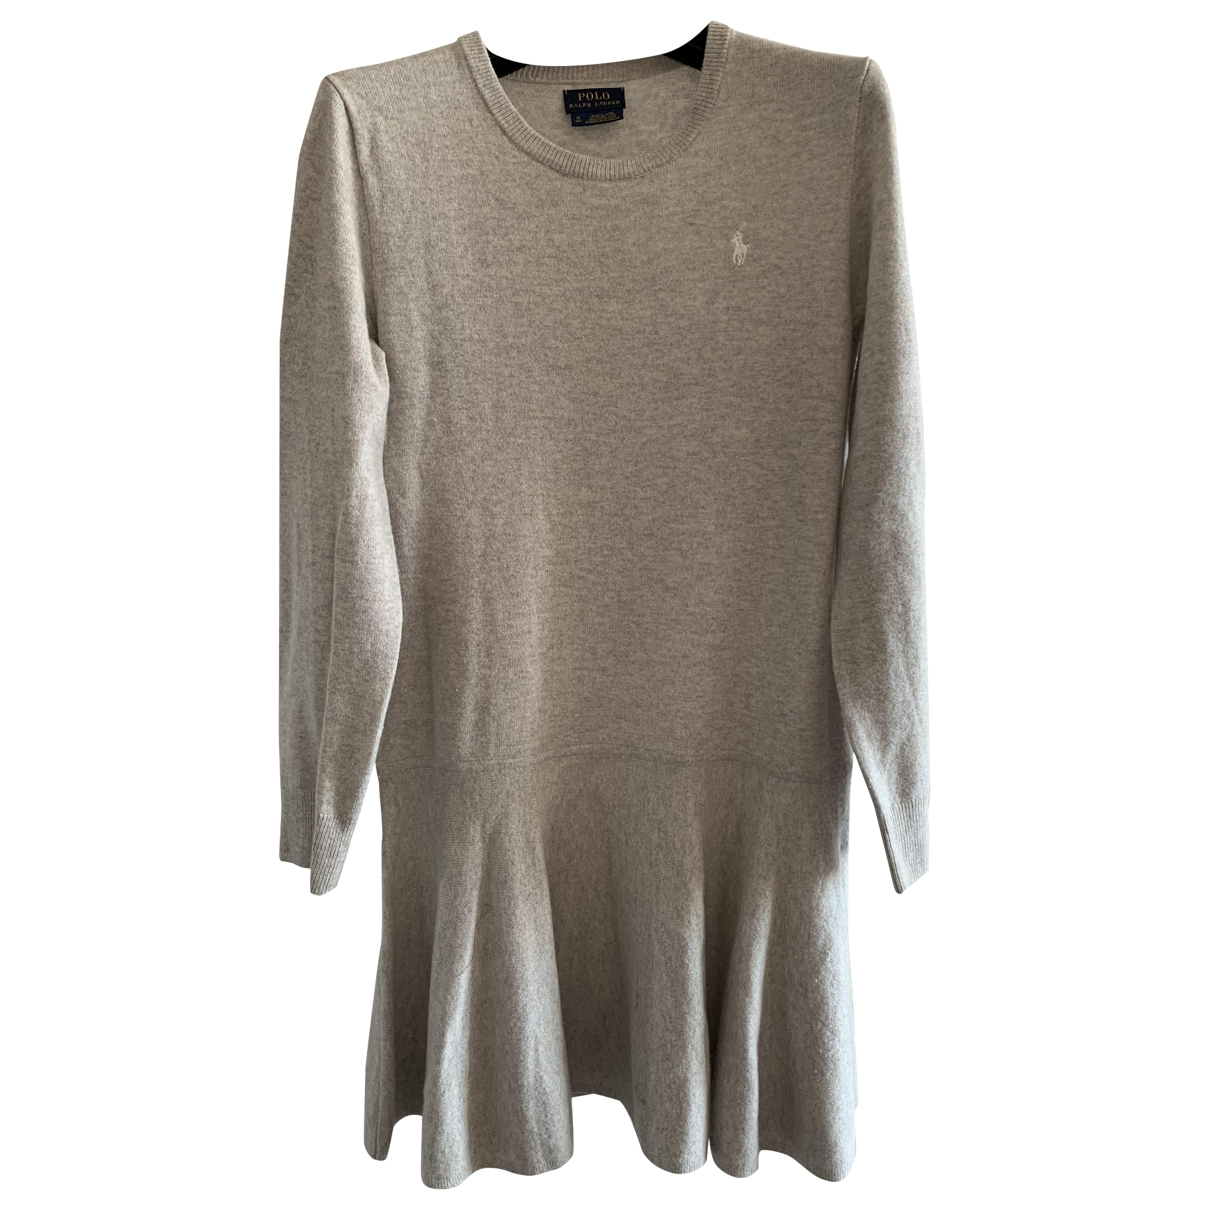 Polo Ralph Lauren \N Kleid in  Grau Wolle